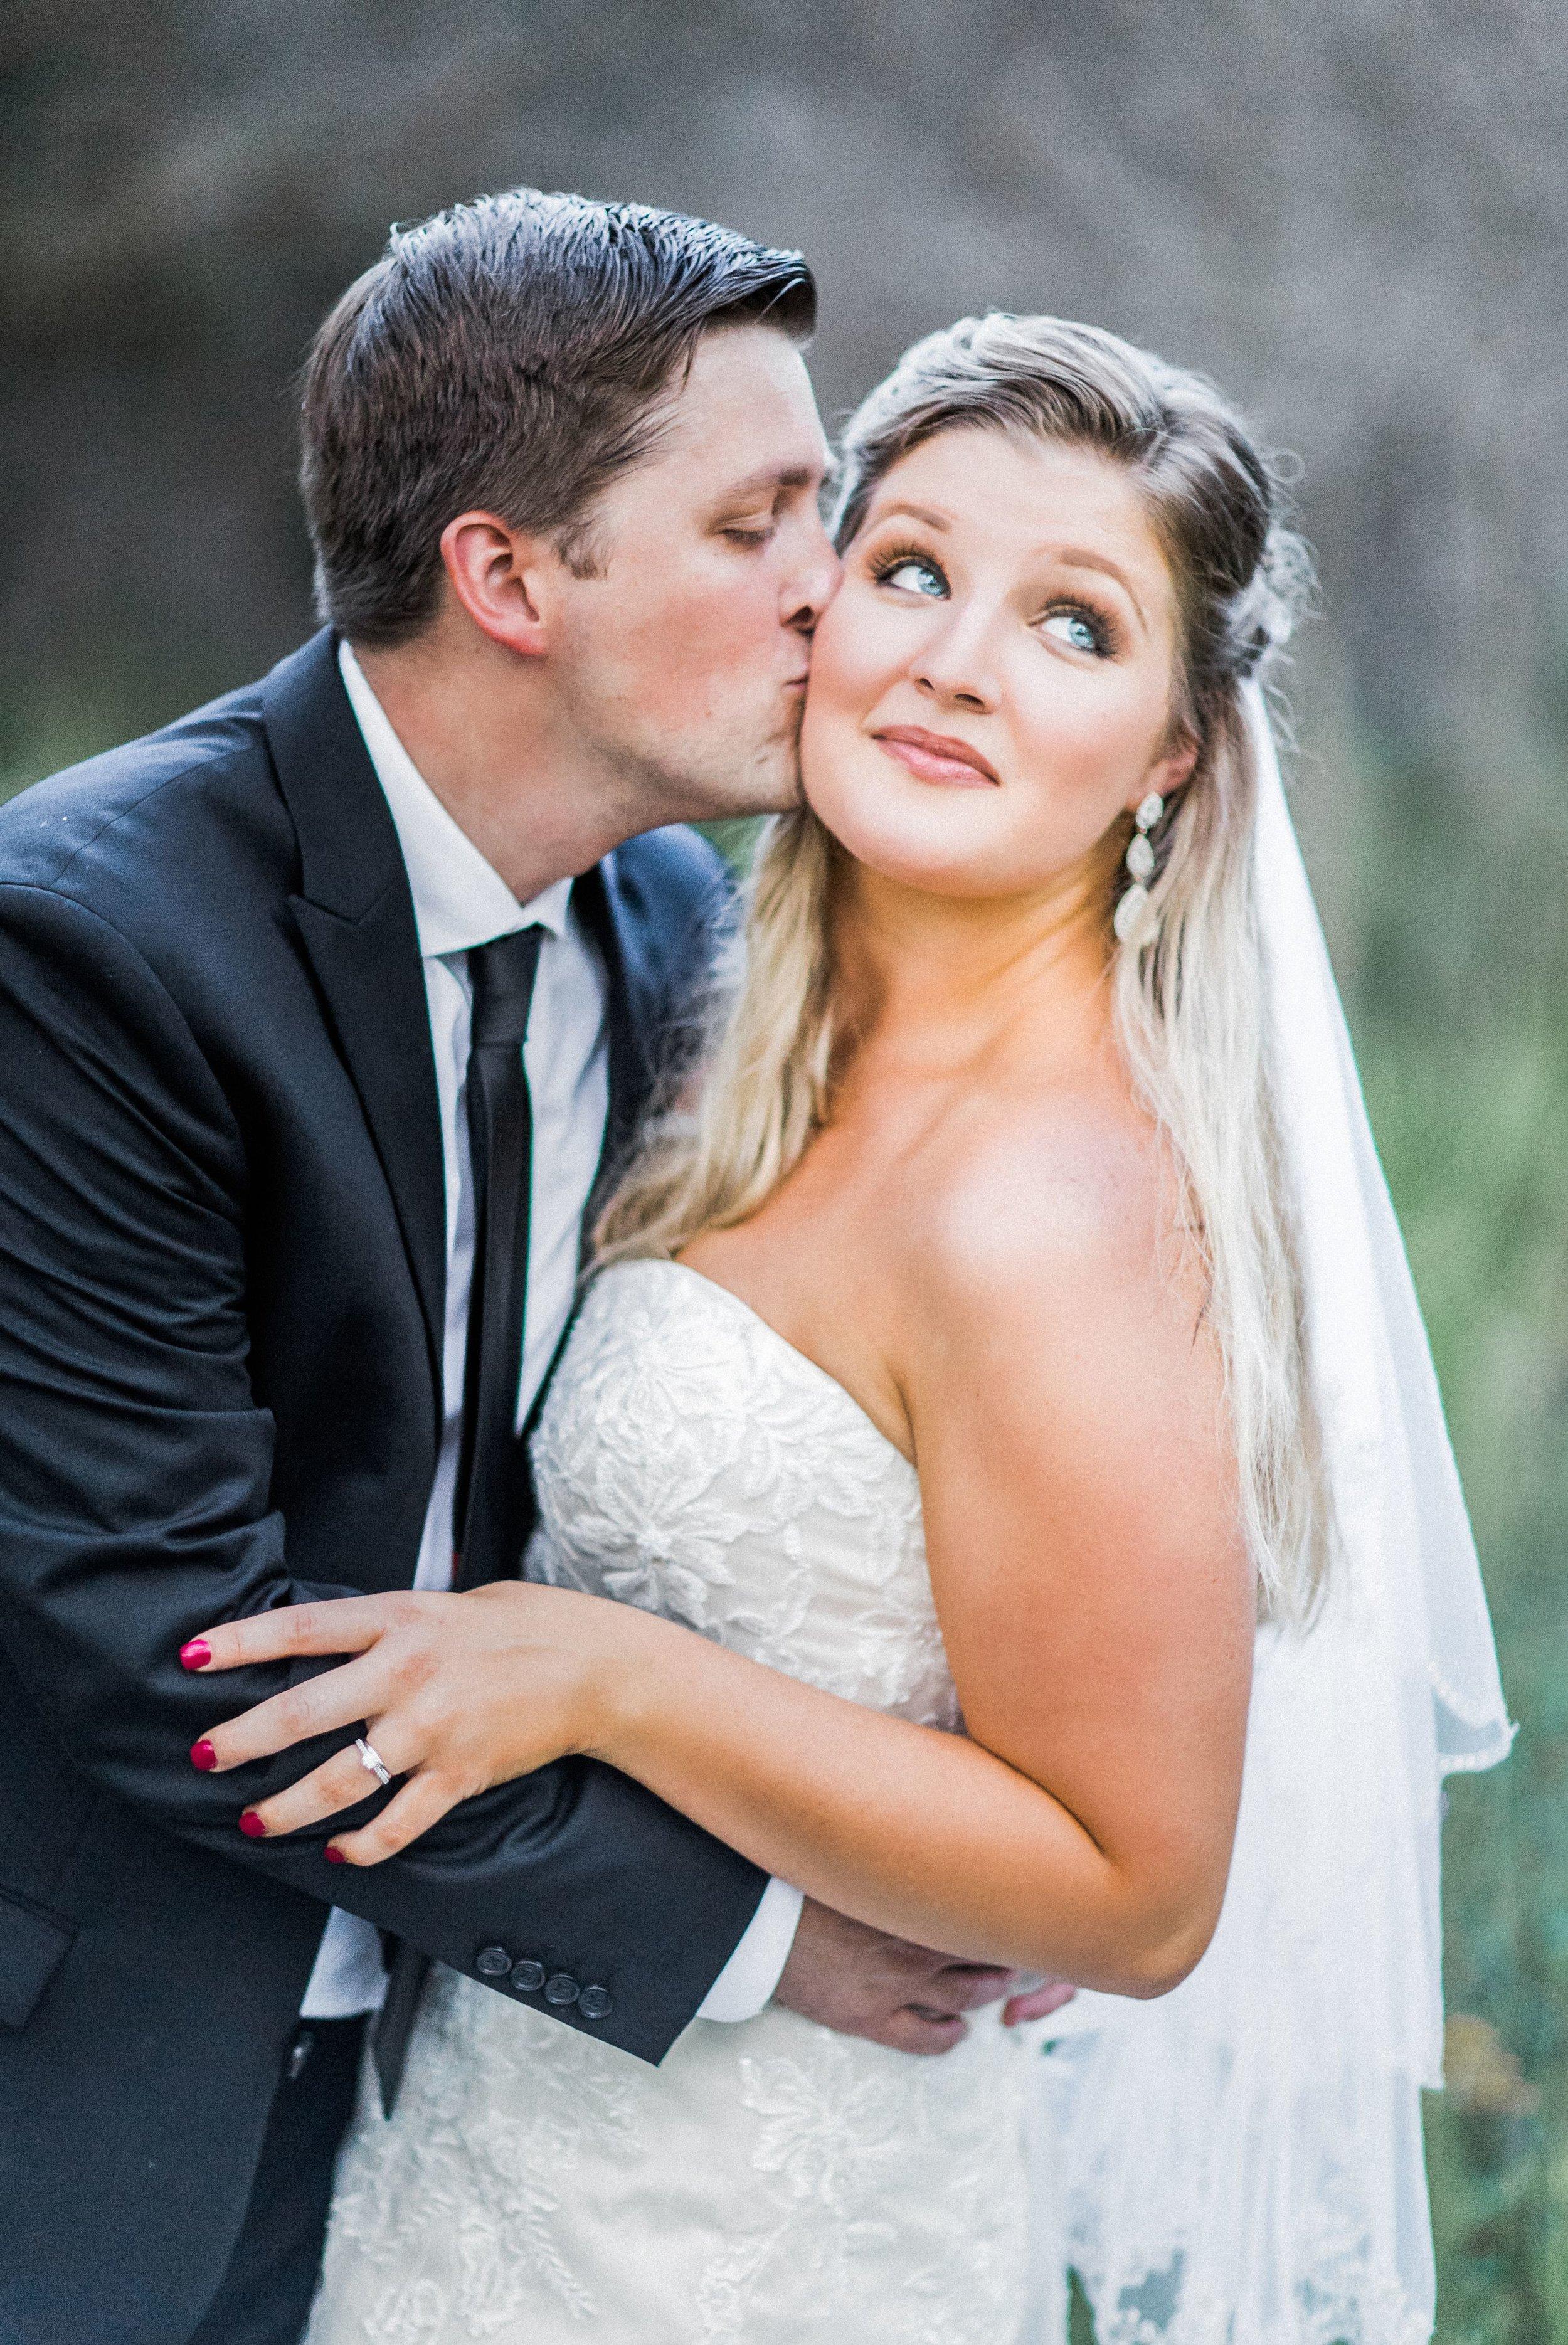 Wekiva Springs Wedding Photoshoot natural bride groom Heck Yeah Presets 61.jpg